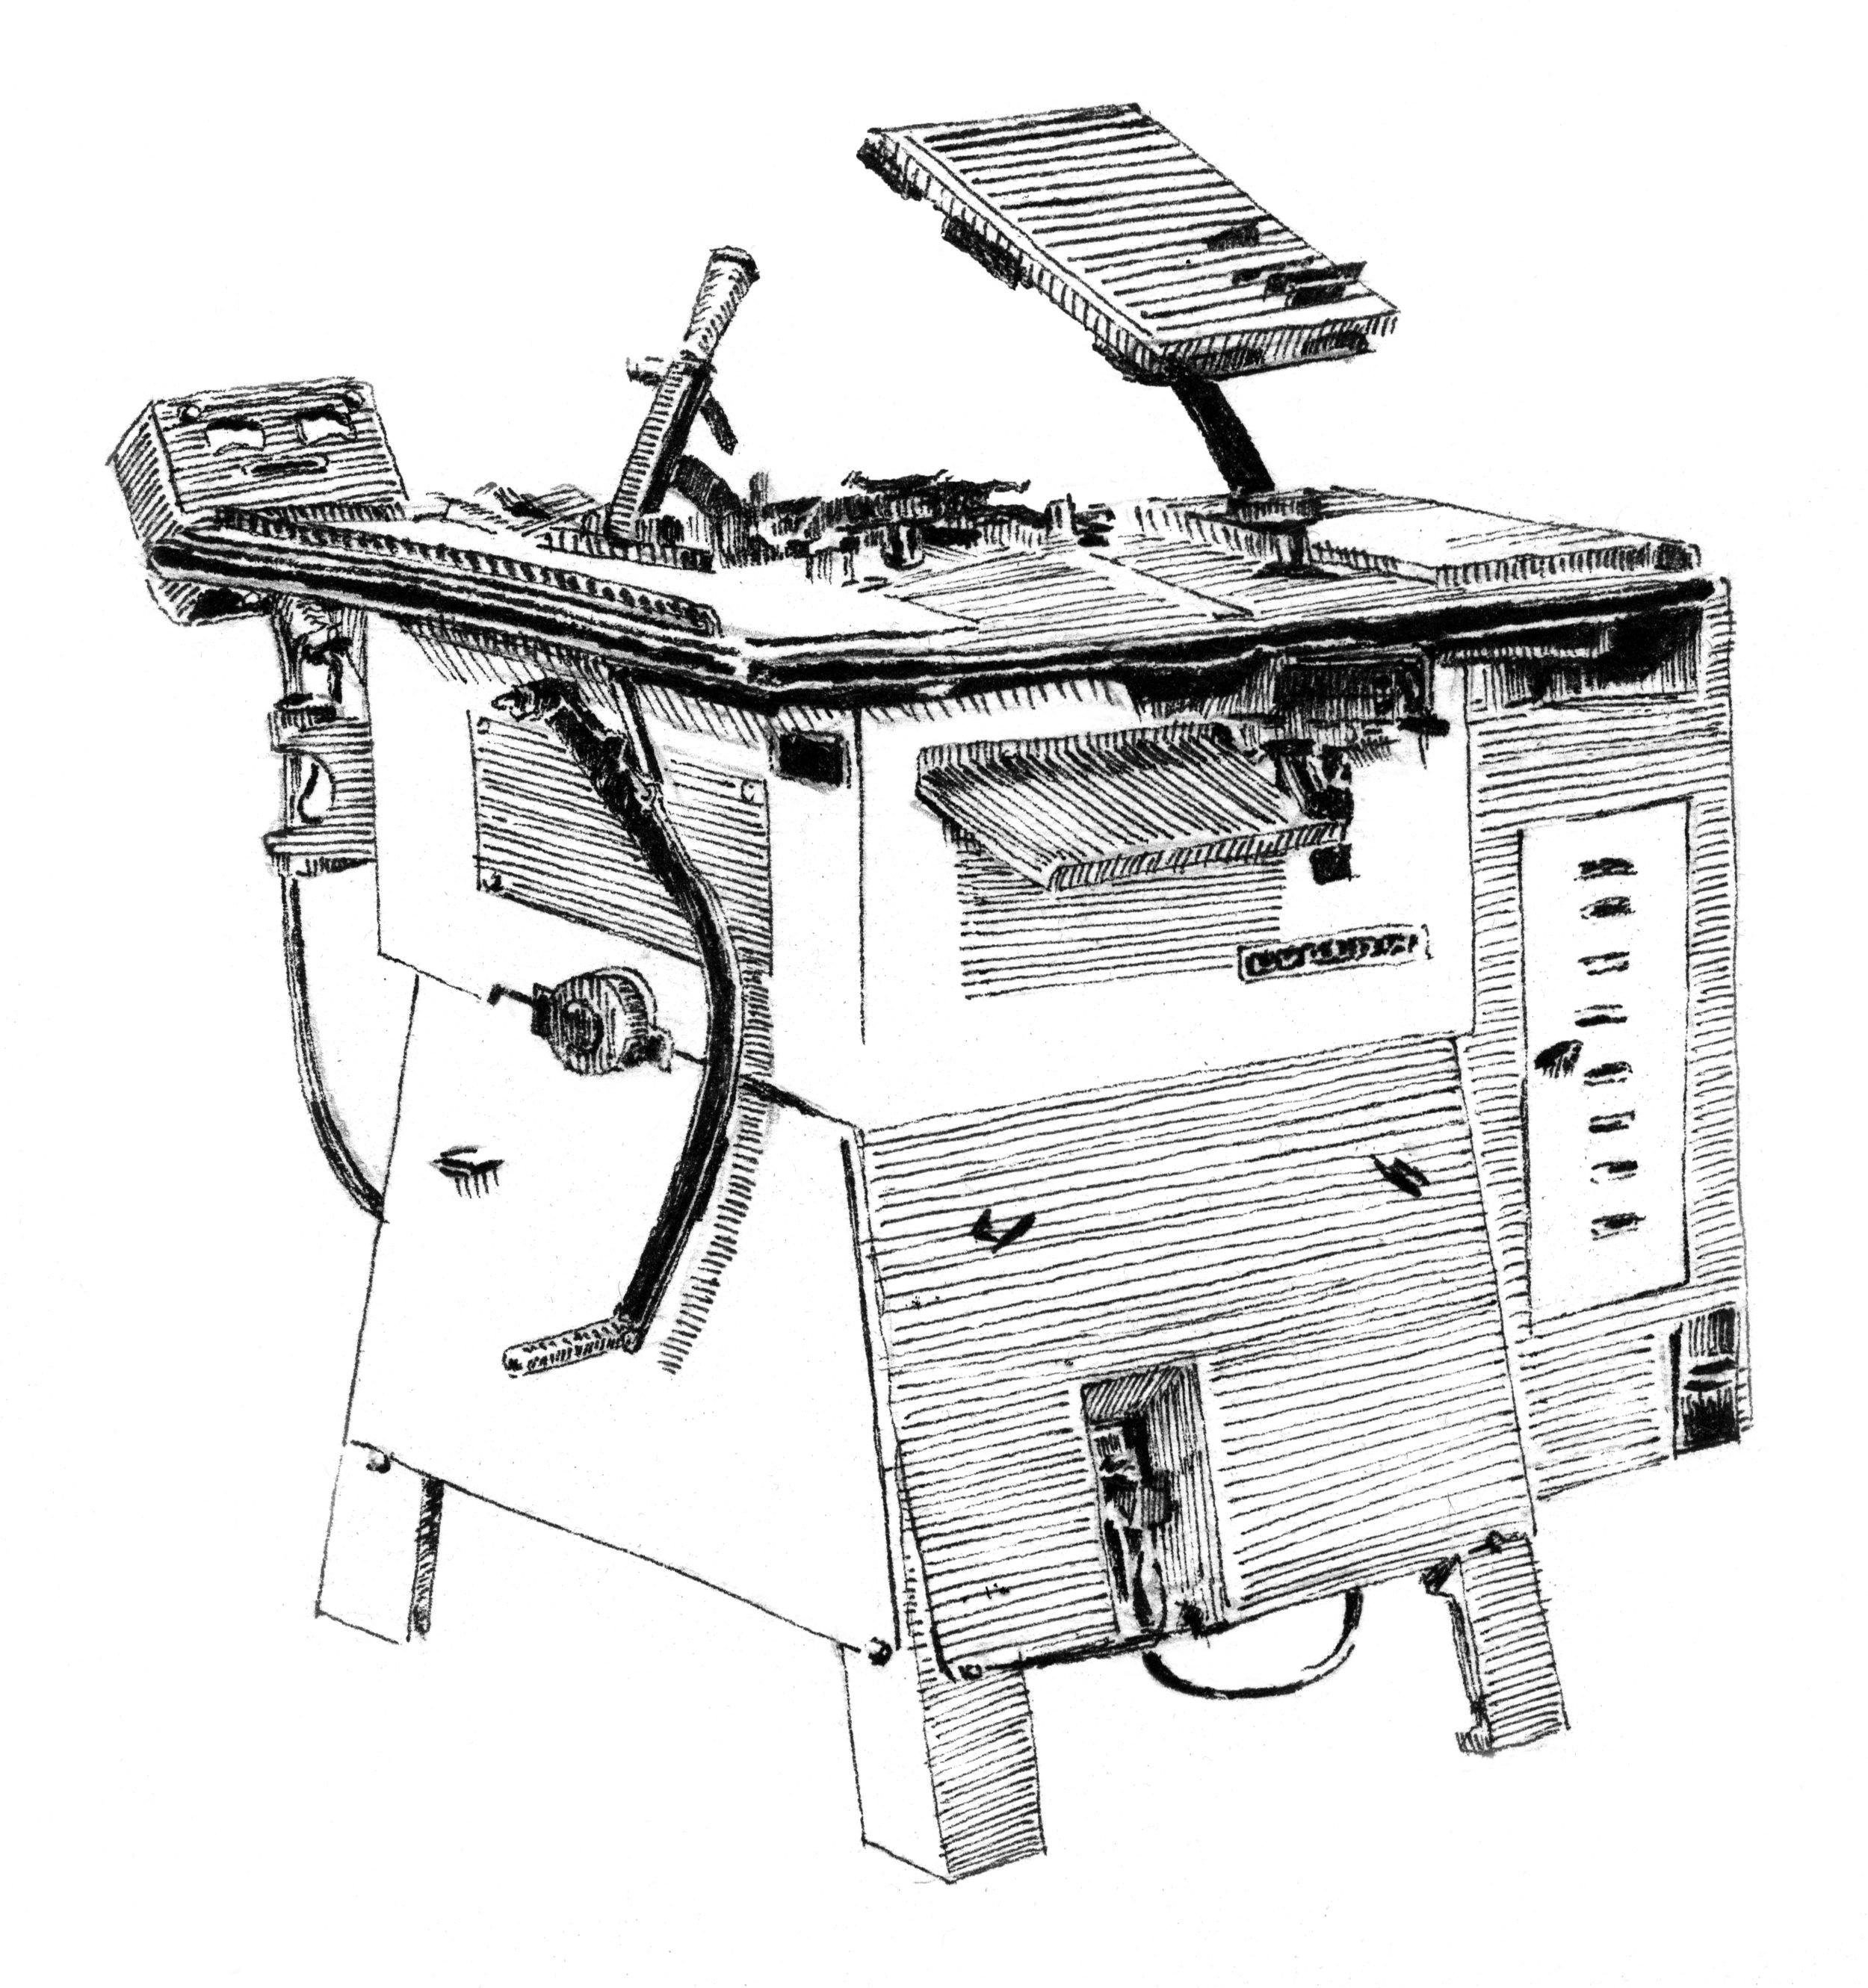 Ludlow Typograph